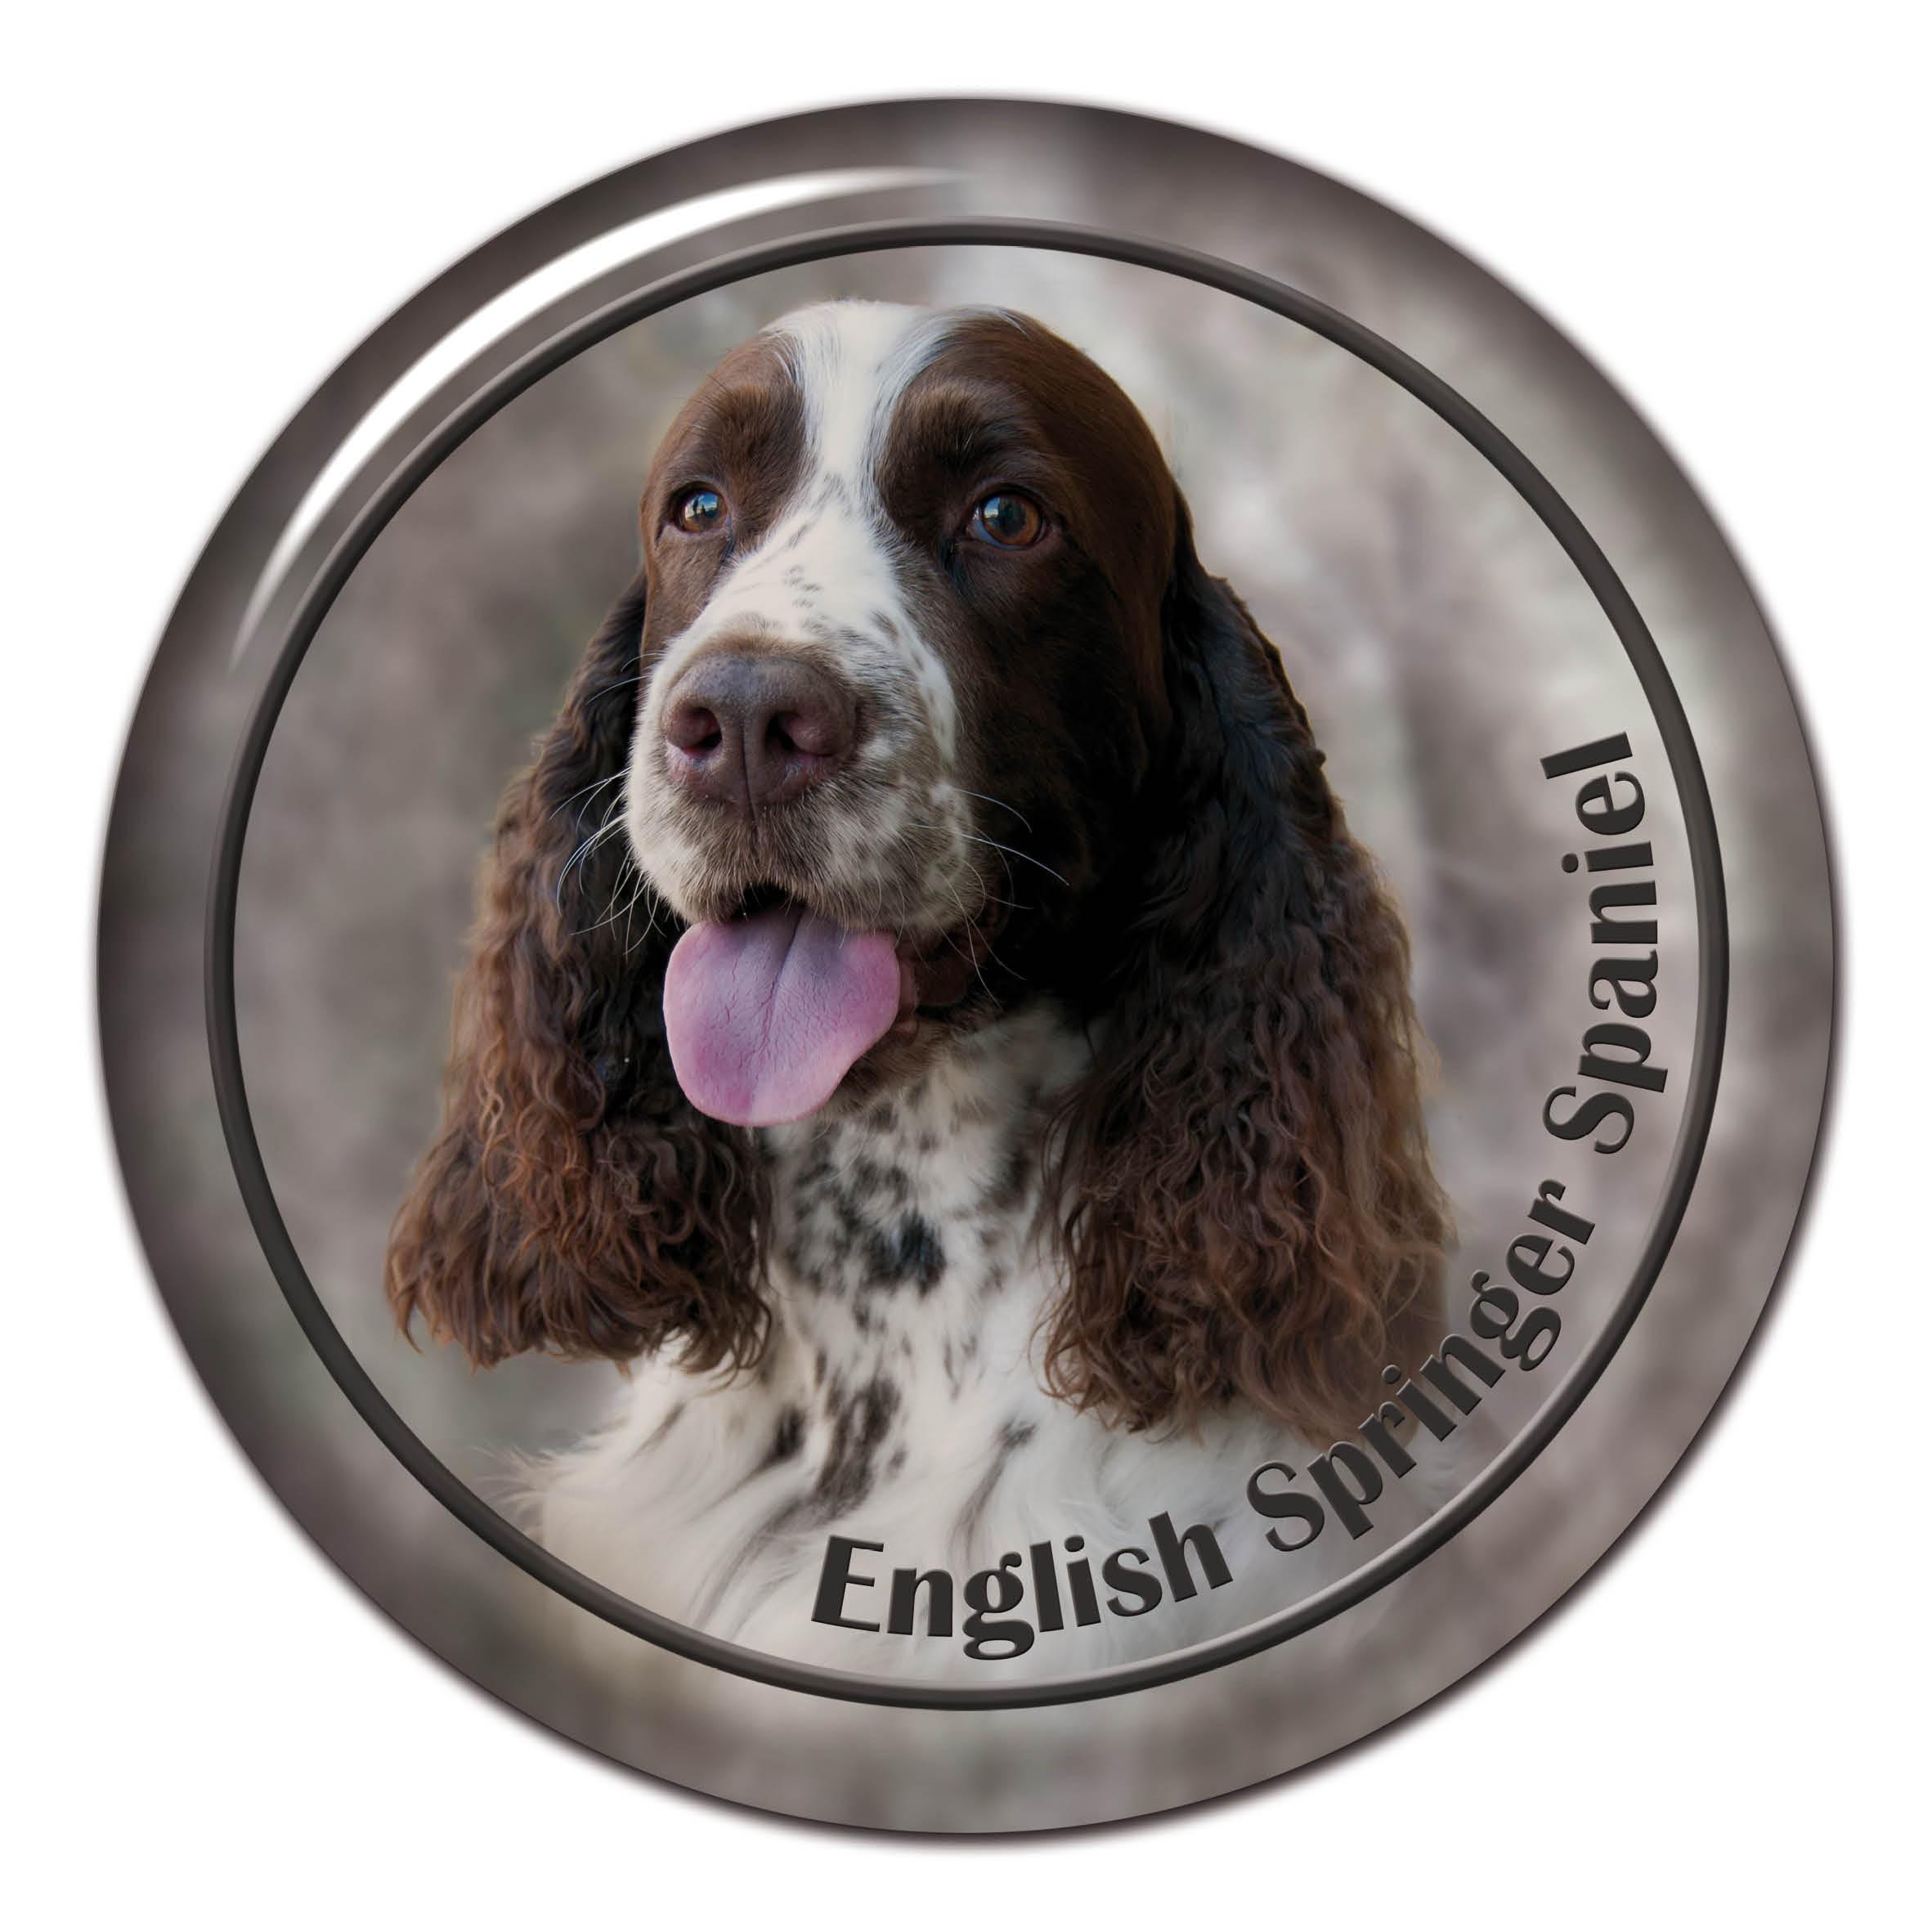 3D sticker English Spr...